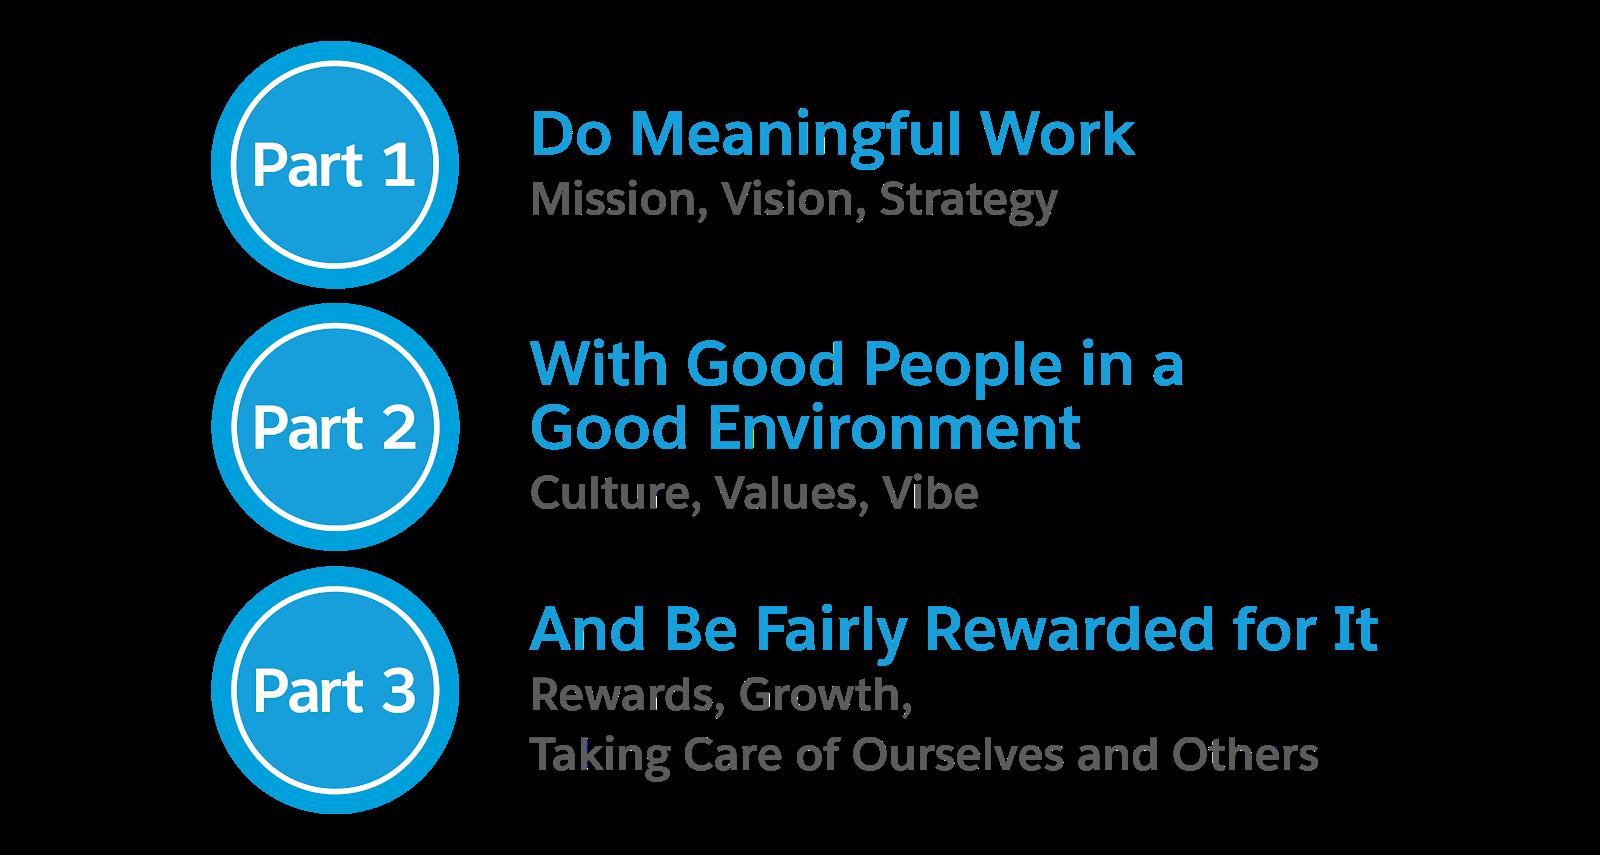 第 1 部: 有意義な仕事をする (使命、ビジョン、戦略)、第 2 部: よい環境でよい同僚と共に (文化、価値、雰囲気)、第 3 部: 適正な見返りがある (報酬、成長、自分と他者を大切にする)